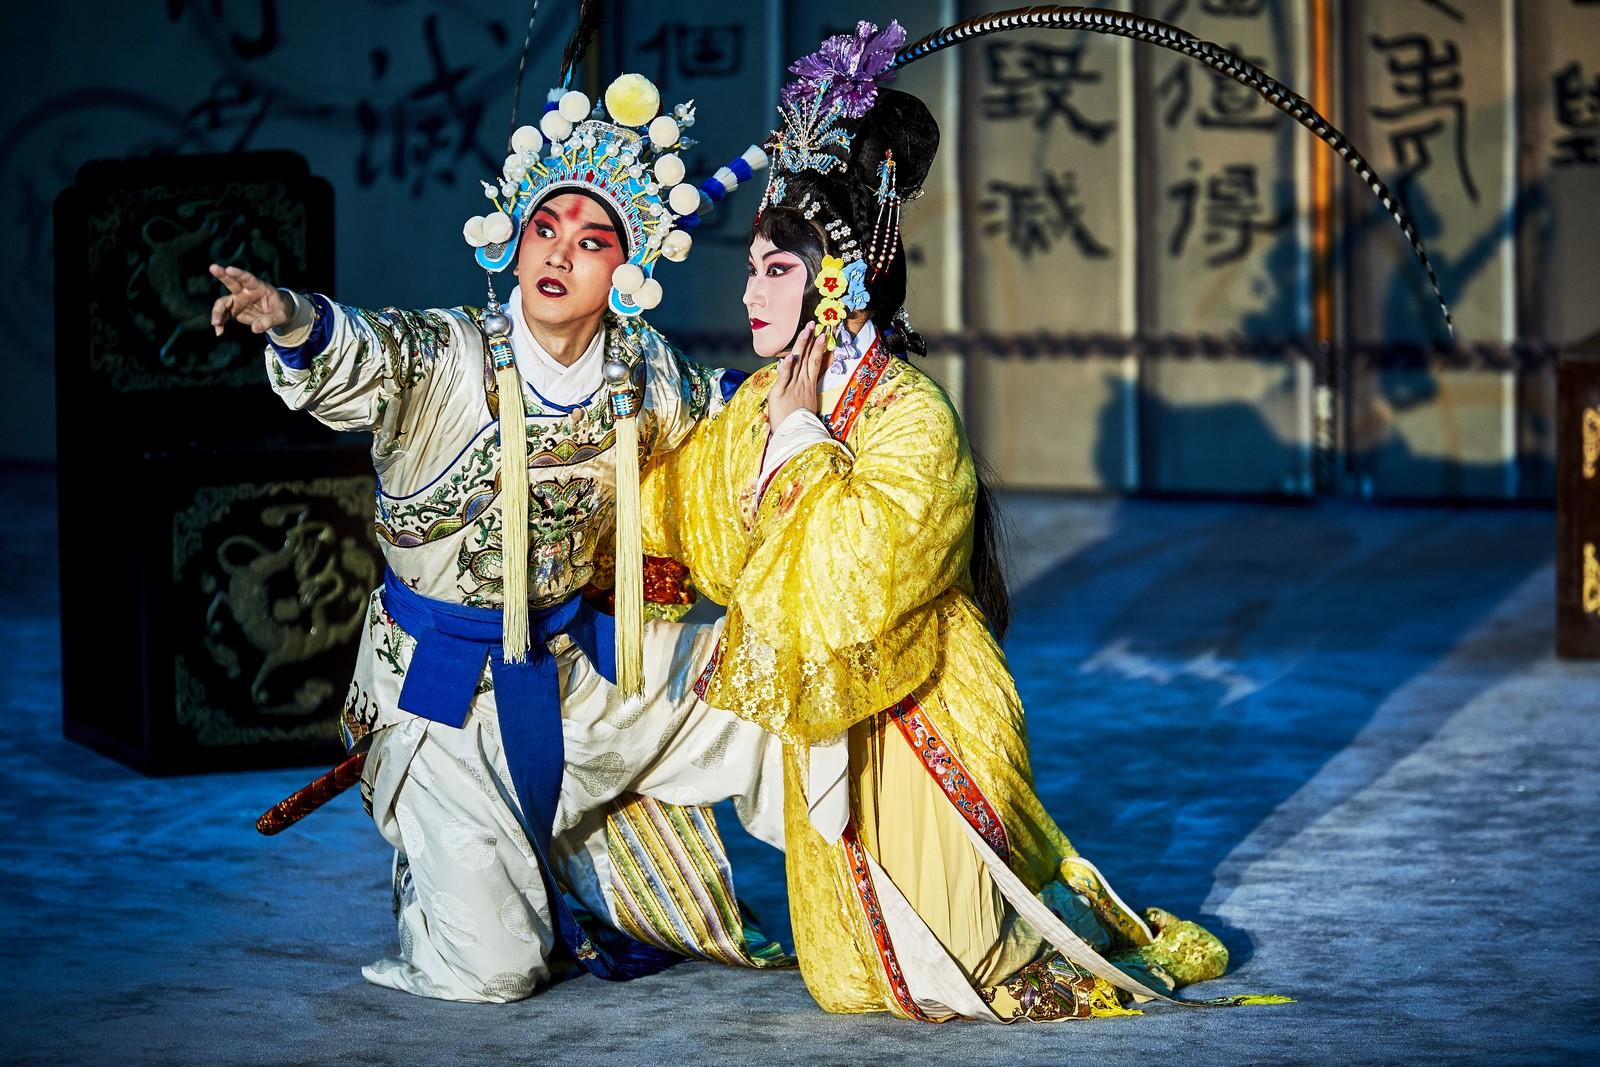 Anmeldelse: Hamlet – The revenge of Prince Zi Dan, HamletScenen, Kronborg (Shanghai Peking Opera Company)